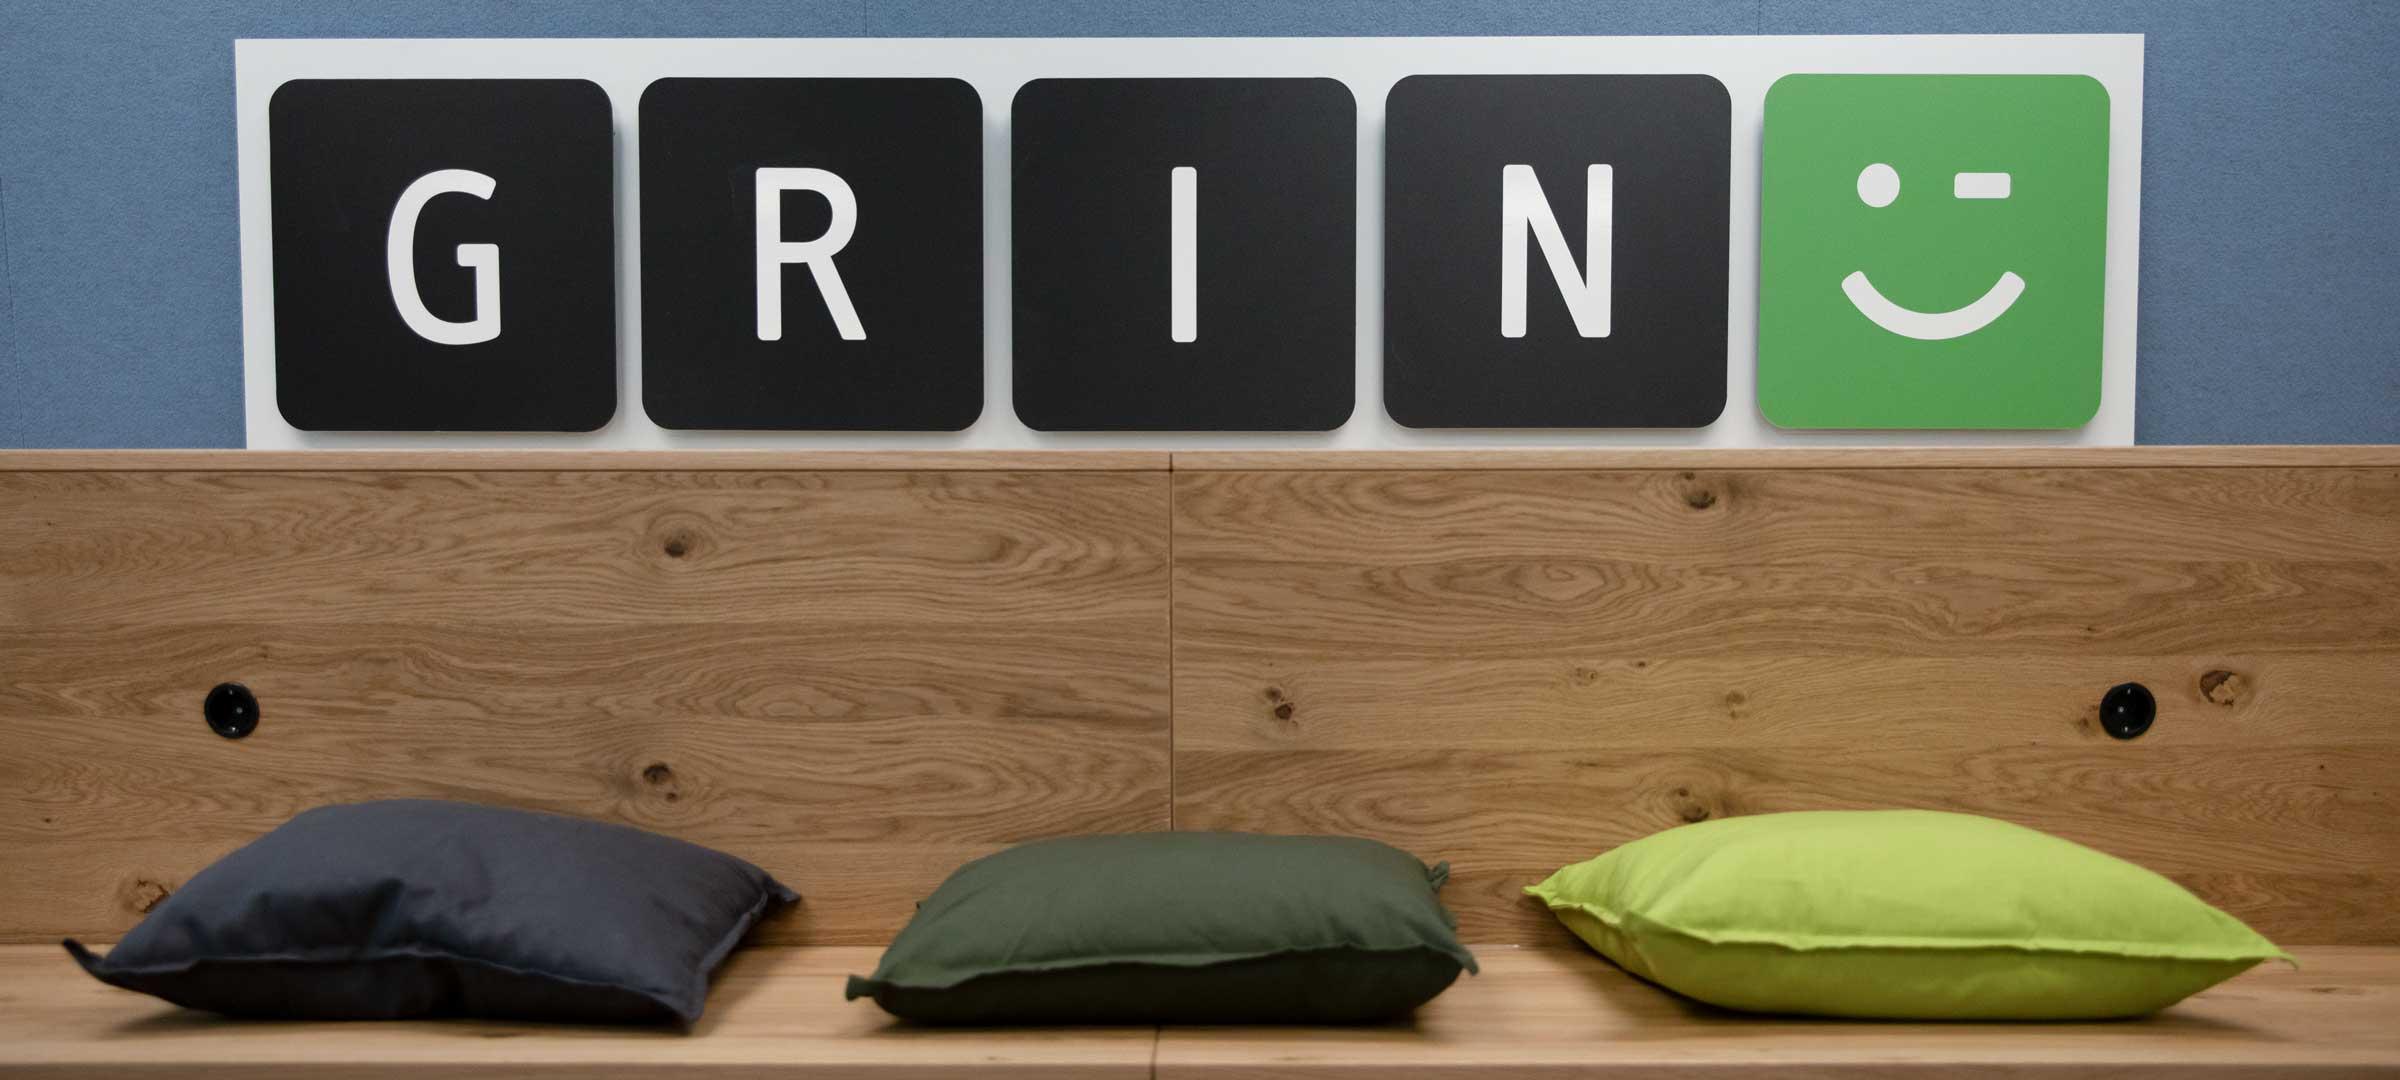 Titelbild: Sitzbereich mit Logo von GRIN